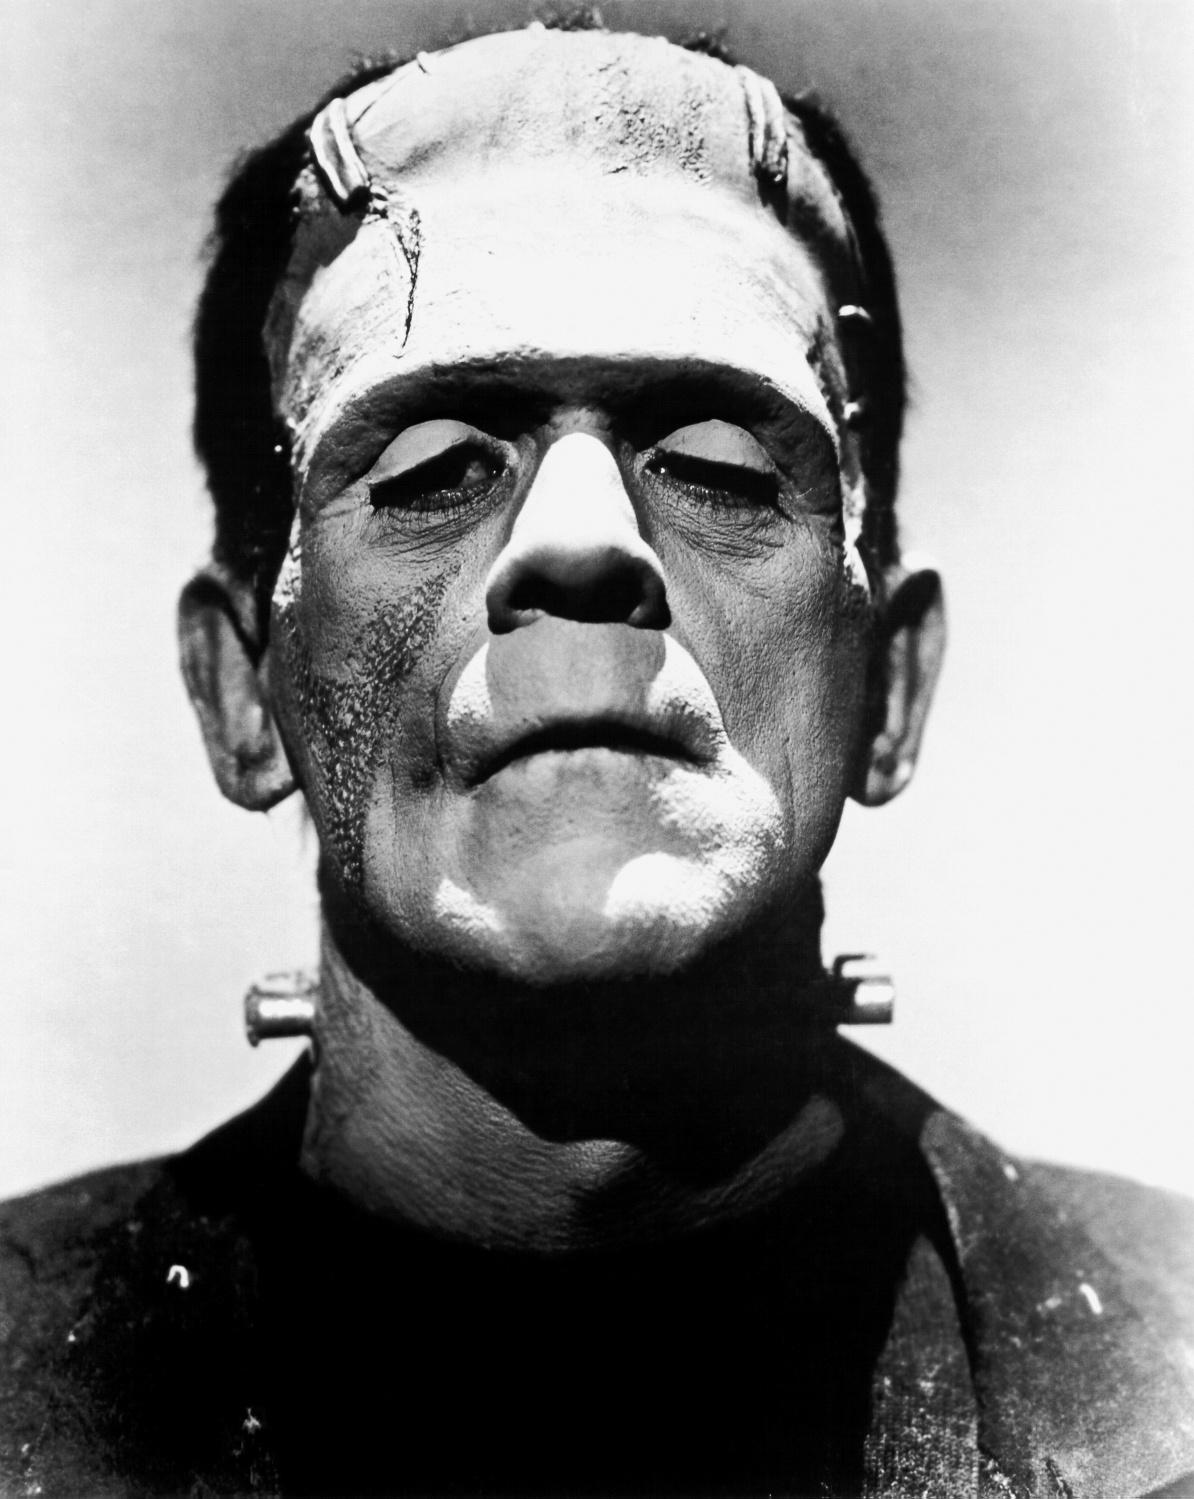 """Boris Karloff kao Frankenstein u filmu """"Frankensteinova mlada"""". Izvor: Wikimedia Commons."""